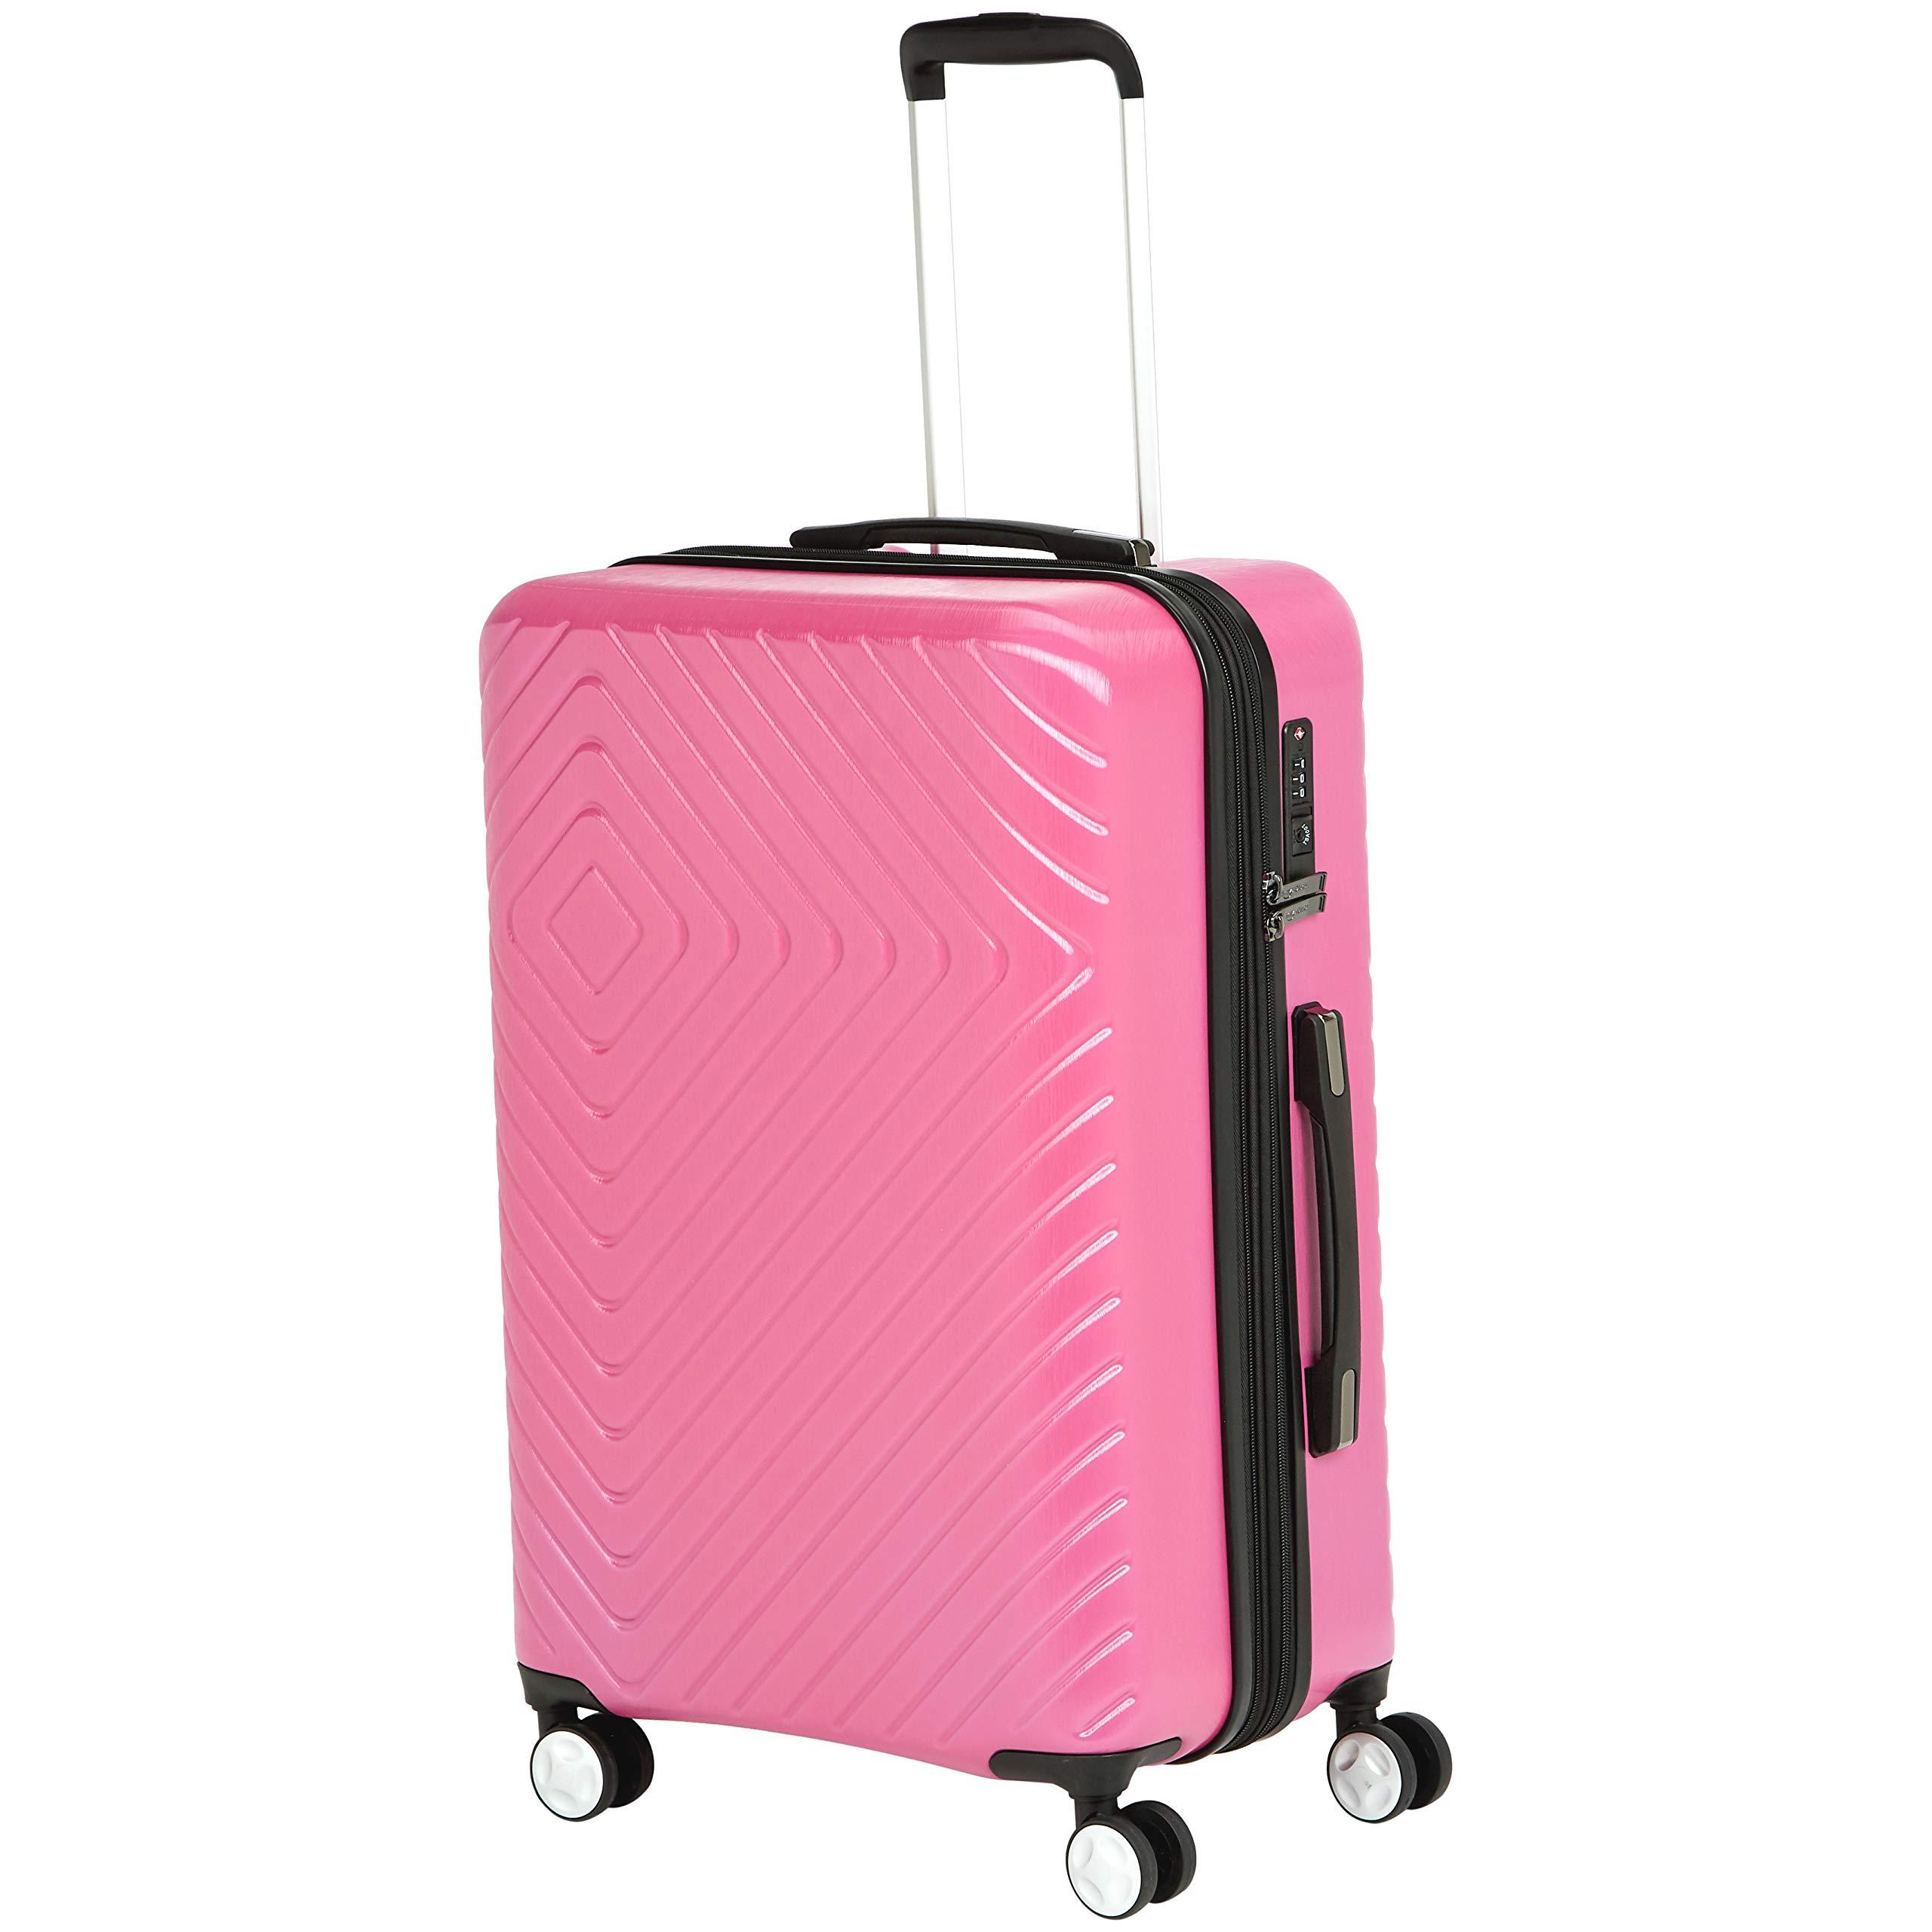 AmazonBasics Geometric Luggage Expandable Suitcase Spinner 24-Inch, Pink